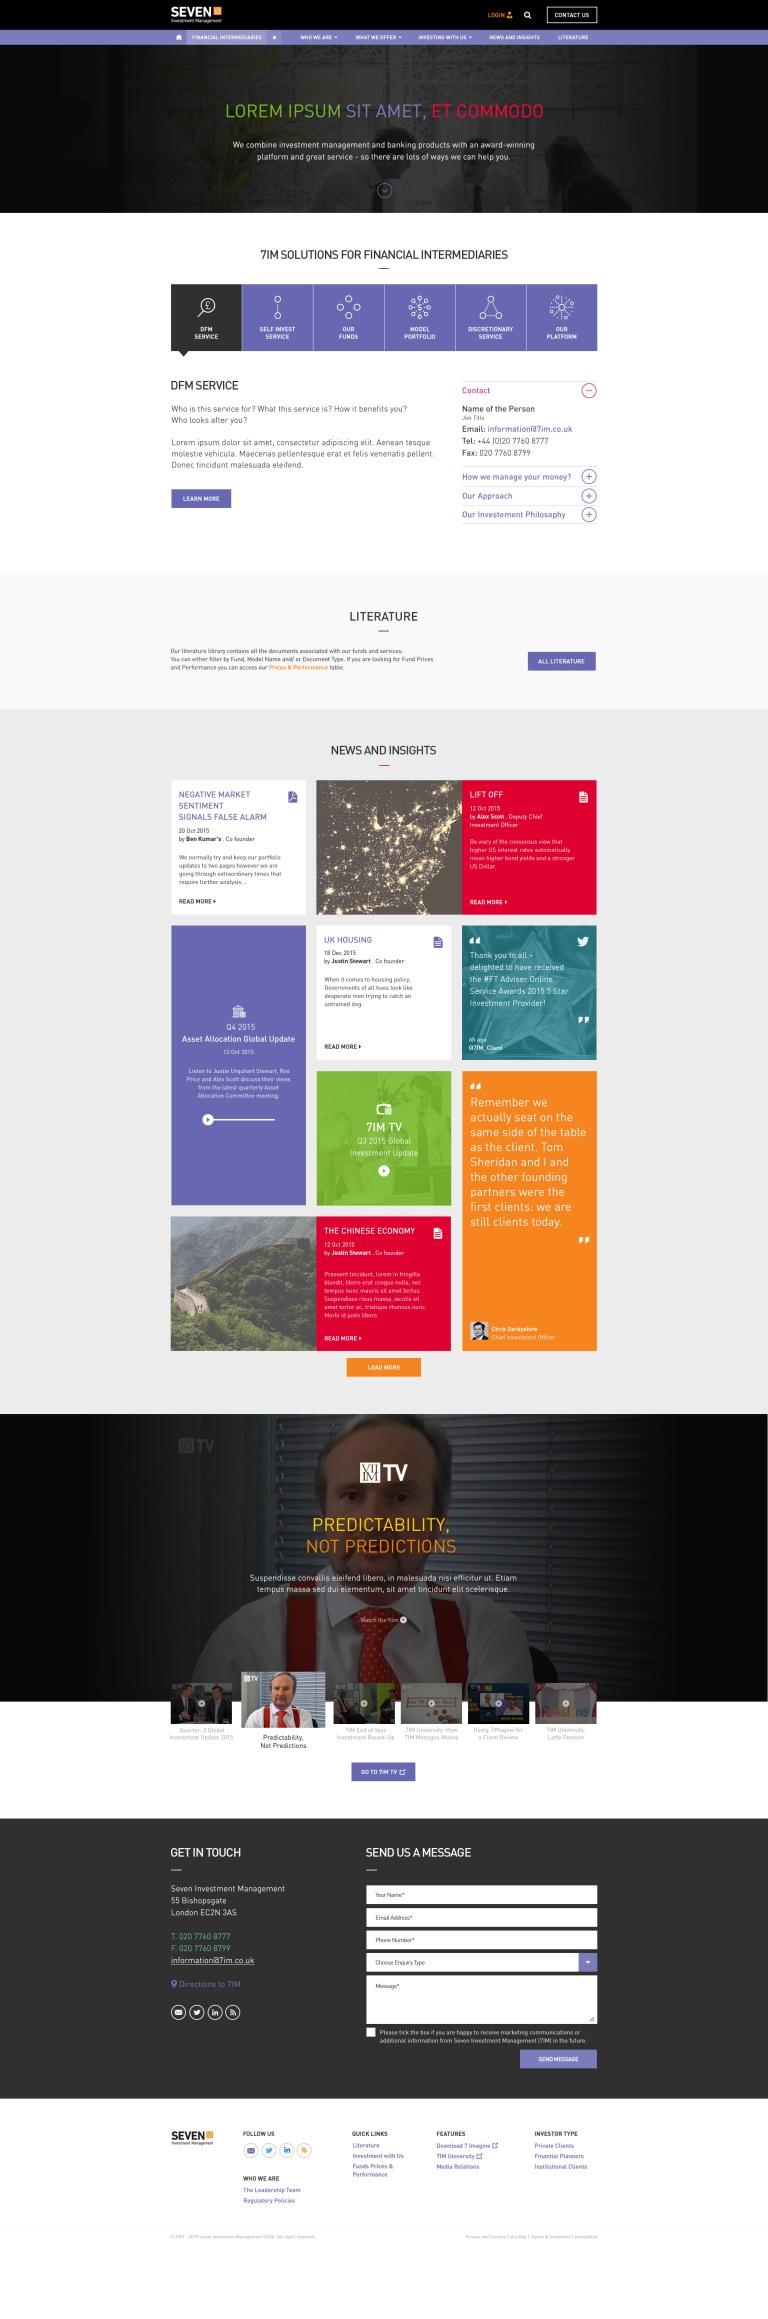 4_WhatWeOffer_Financial-Intermediaries_Desktop